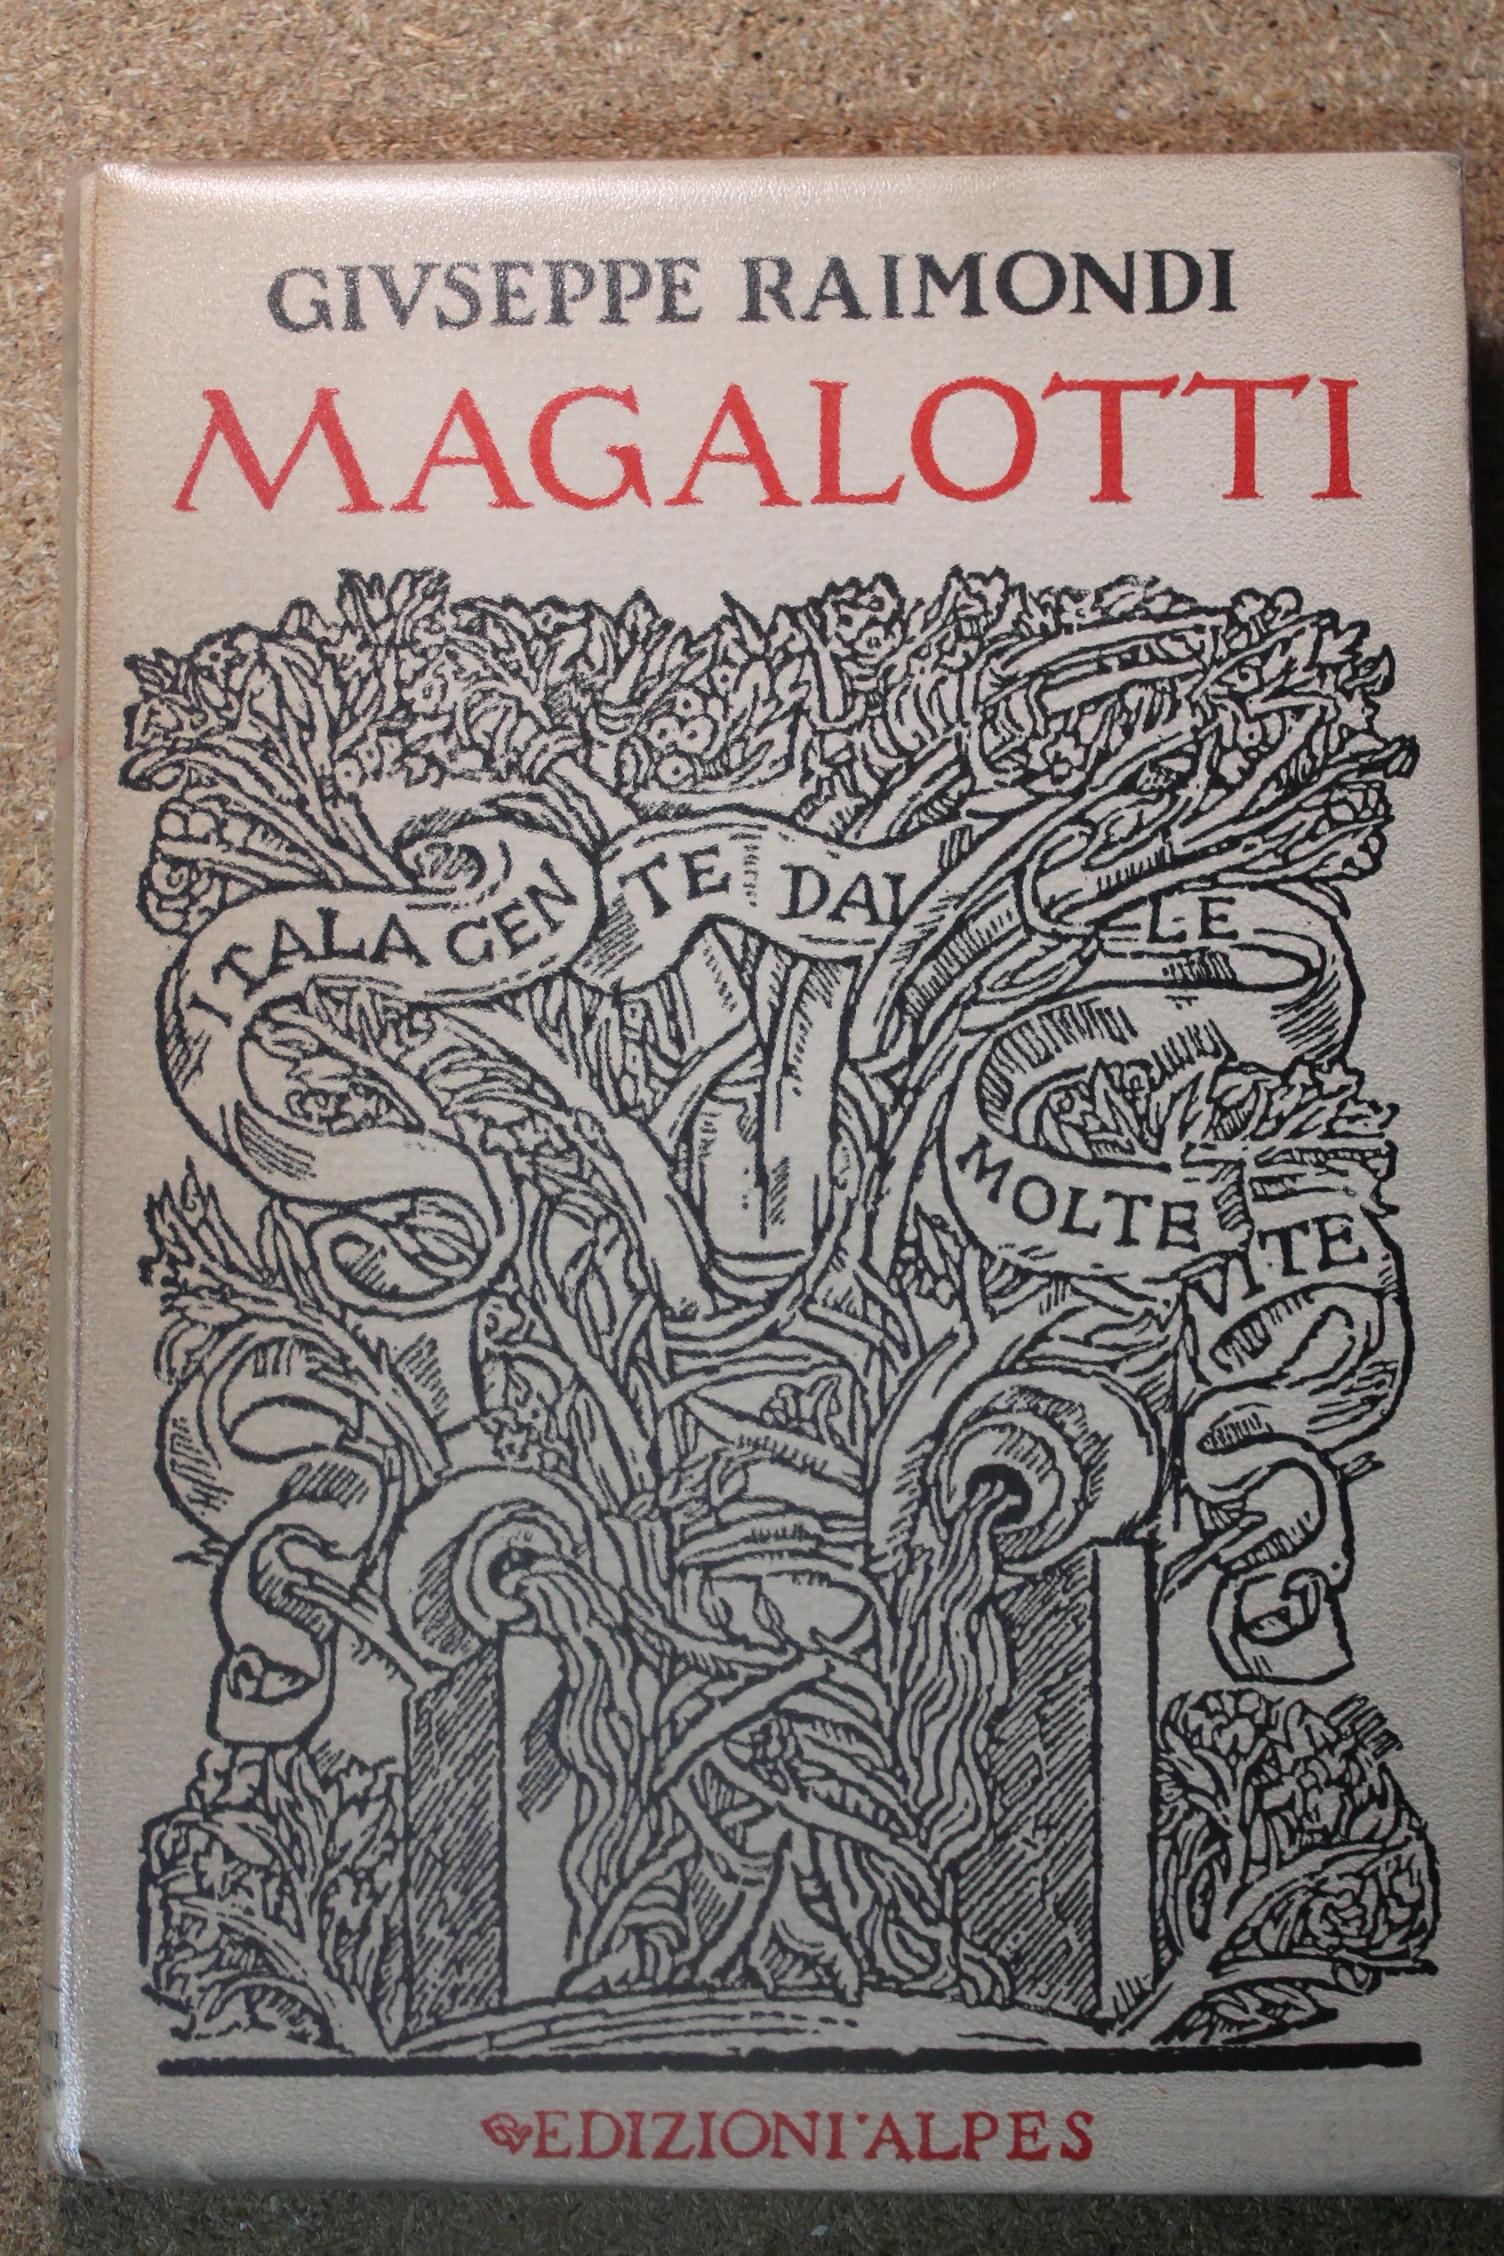 Magalotti